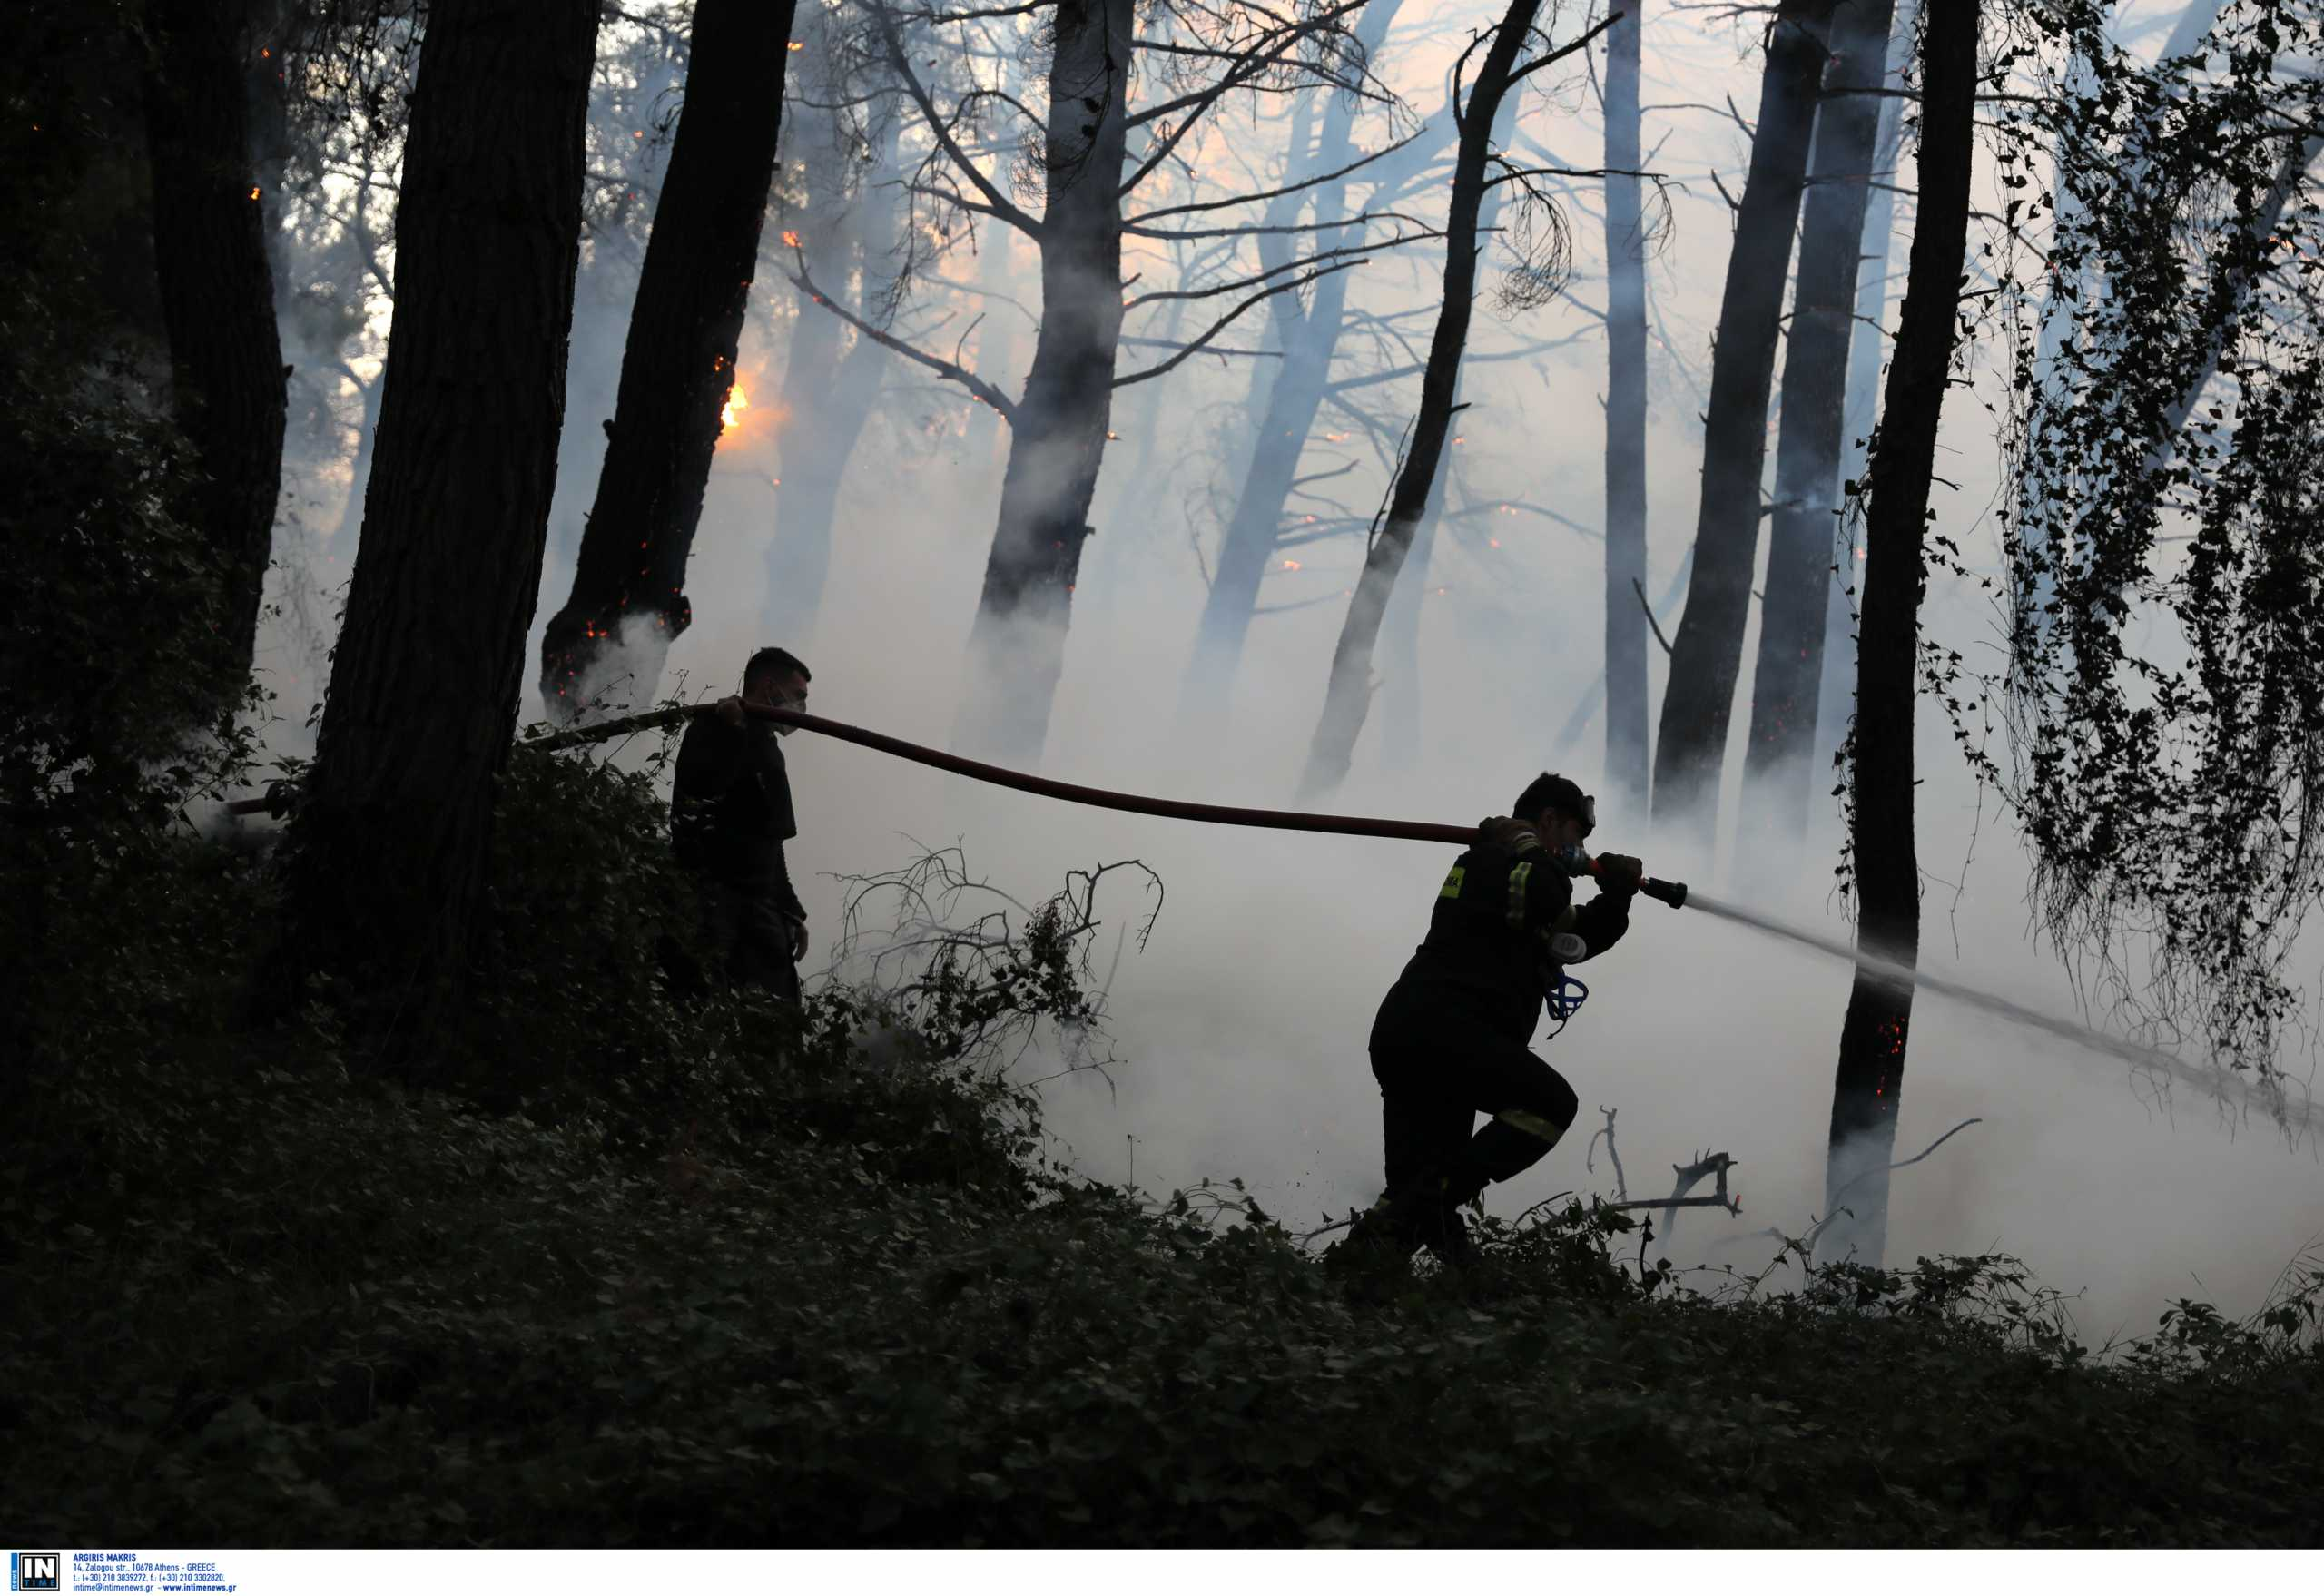 Φωτιά στη Γορτυνία: Δυσκολεύει η κατάσταση – Εστίες και στην Μάνη